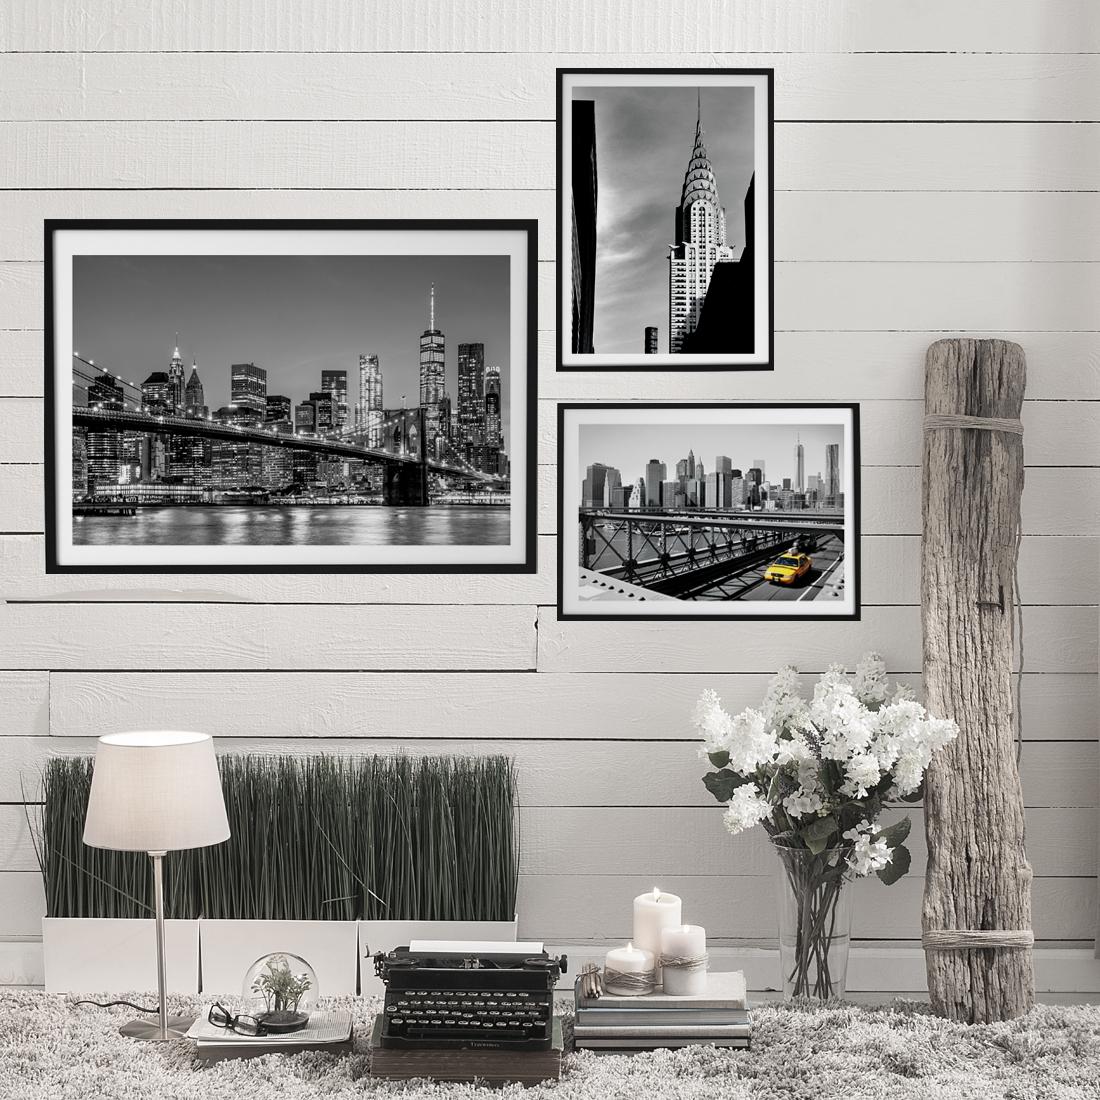 3 plakaty z Nowego Jorku w ramkach